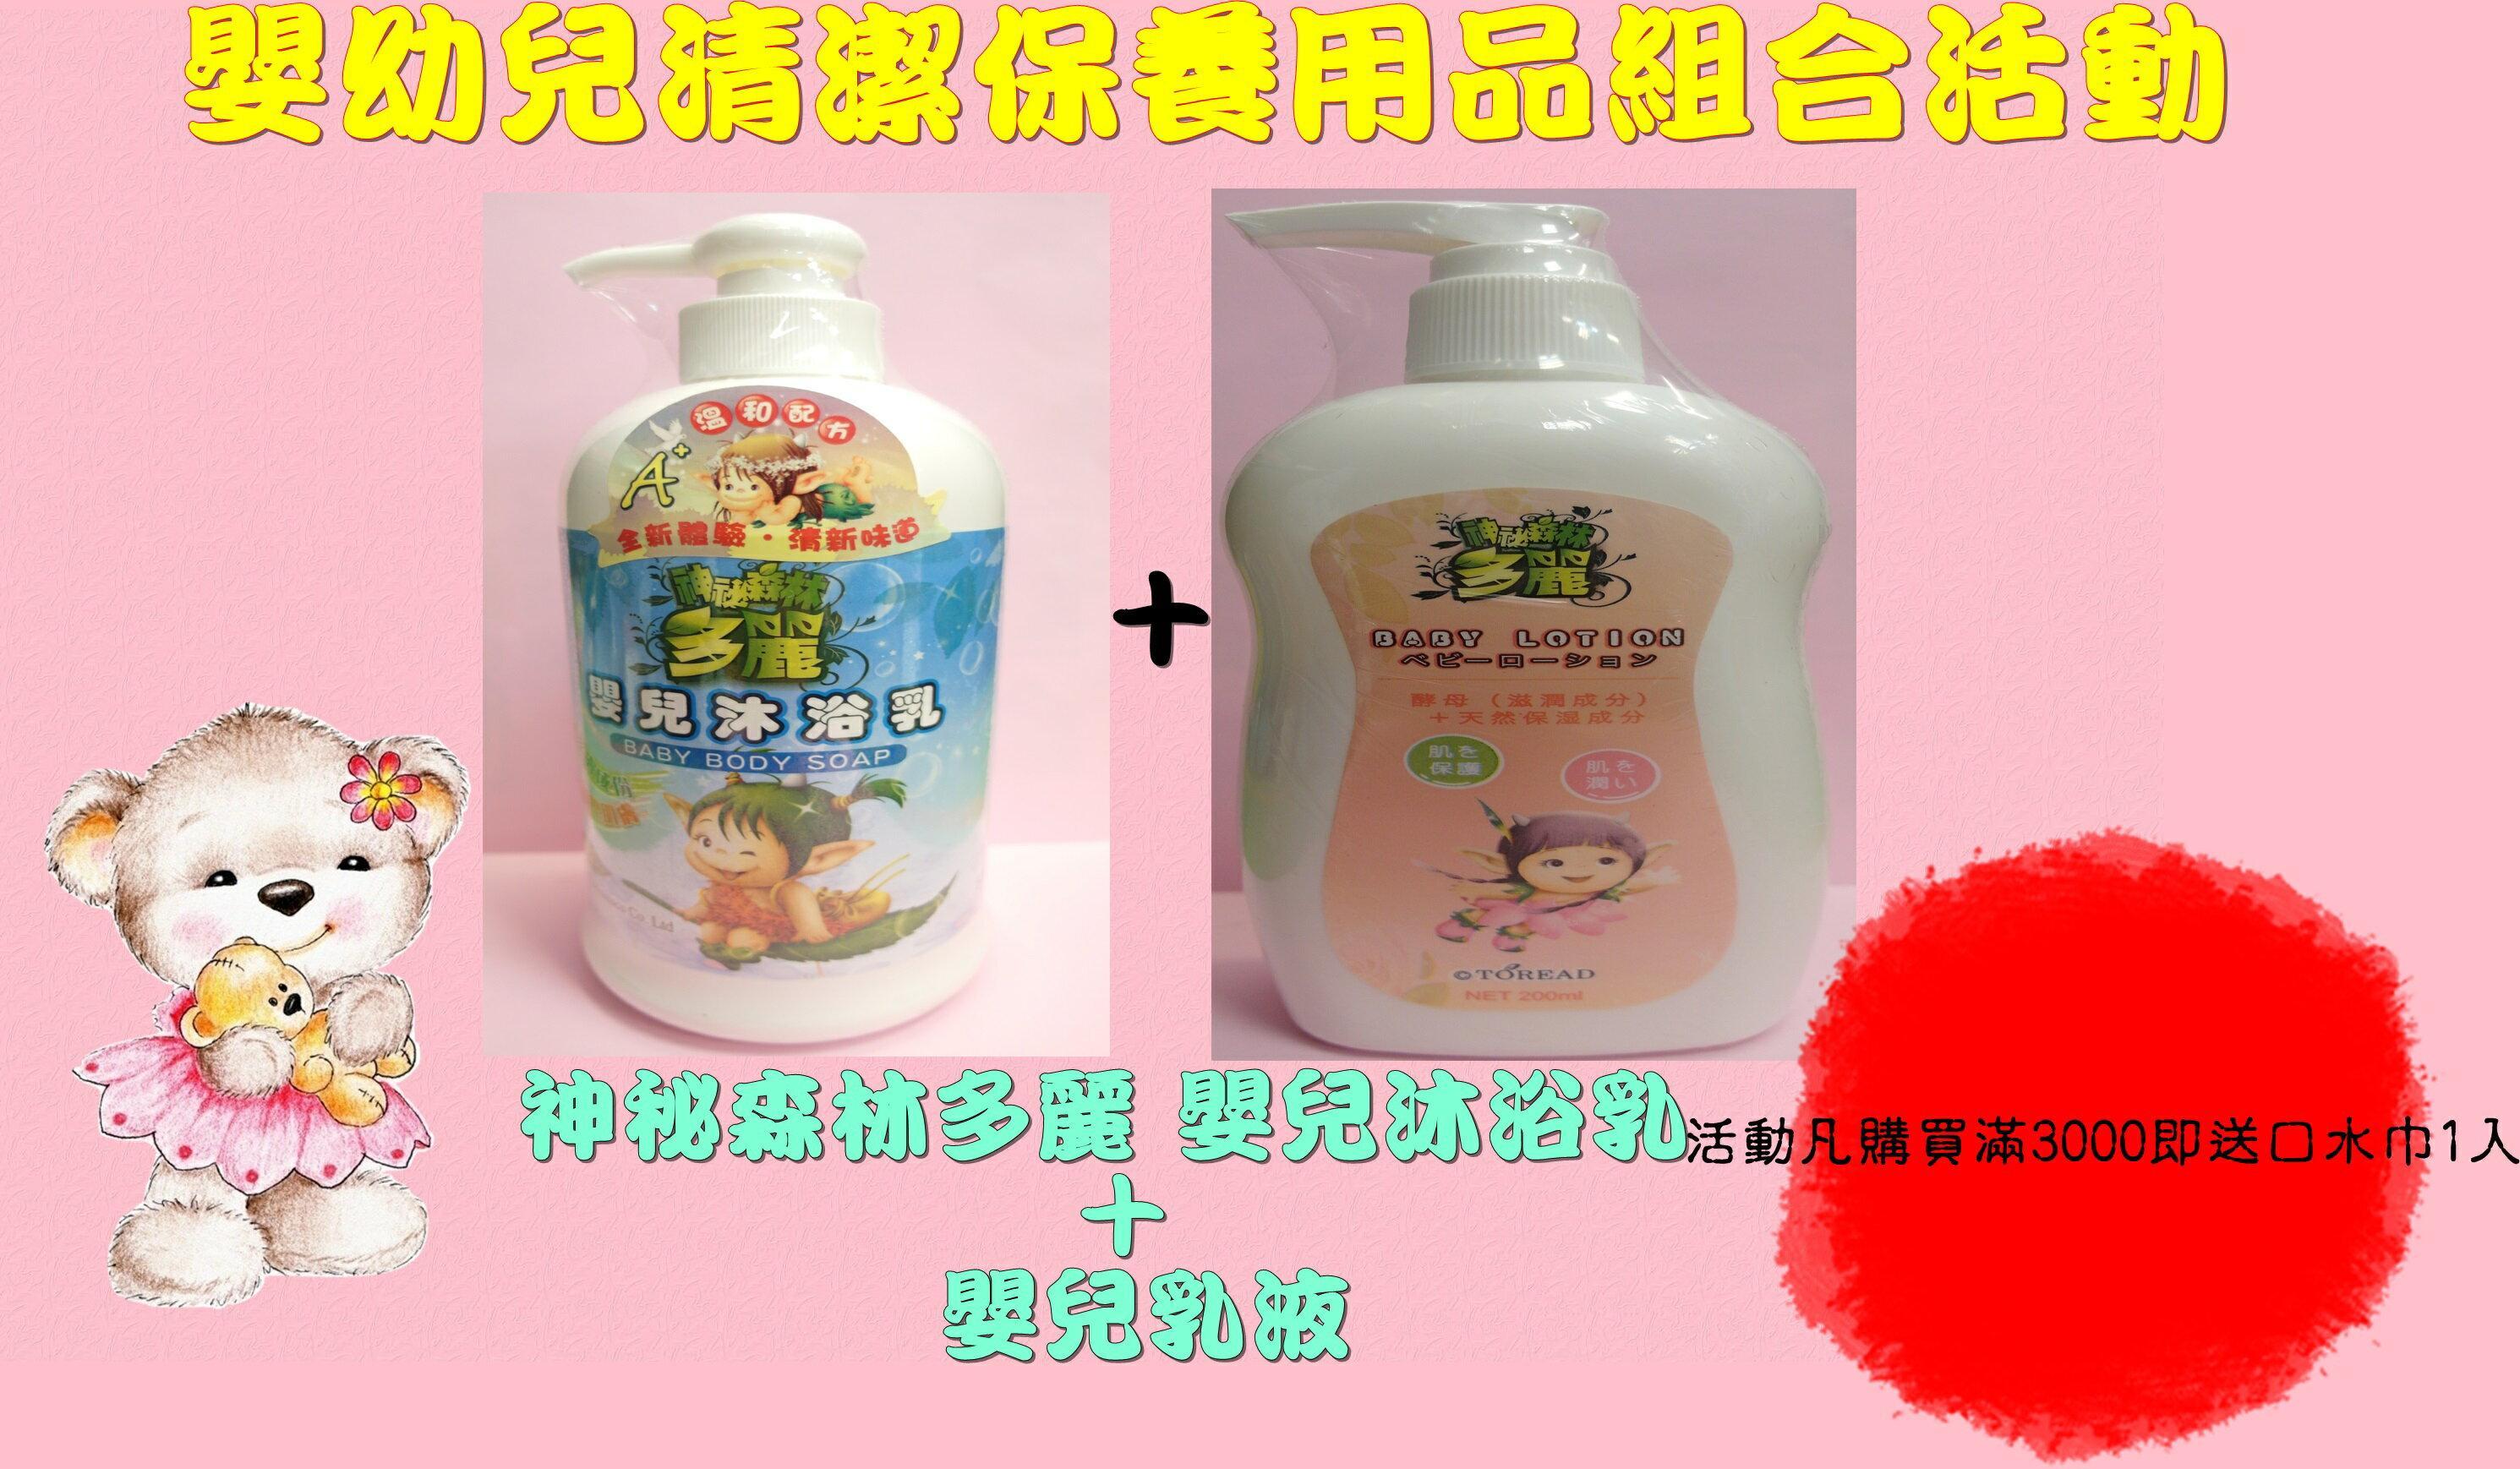 嬰幼兒清潔保養組合活動 神秘森林 多麗 嬰兒沐浴乳 +嬰兒乳液